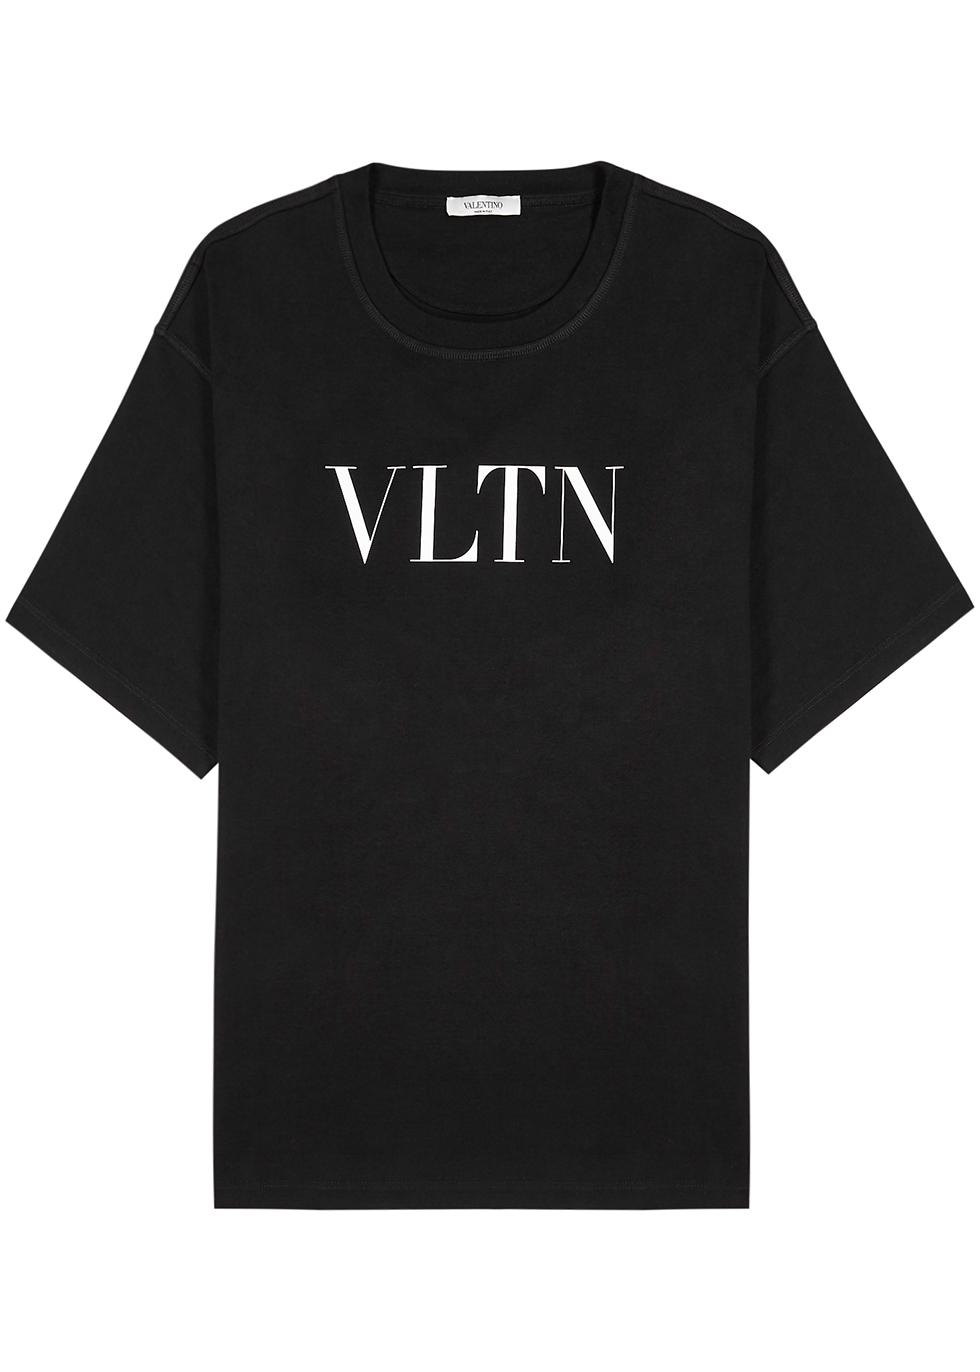 VALENTINO VLTN BLACK COTTON T-SHIRT